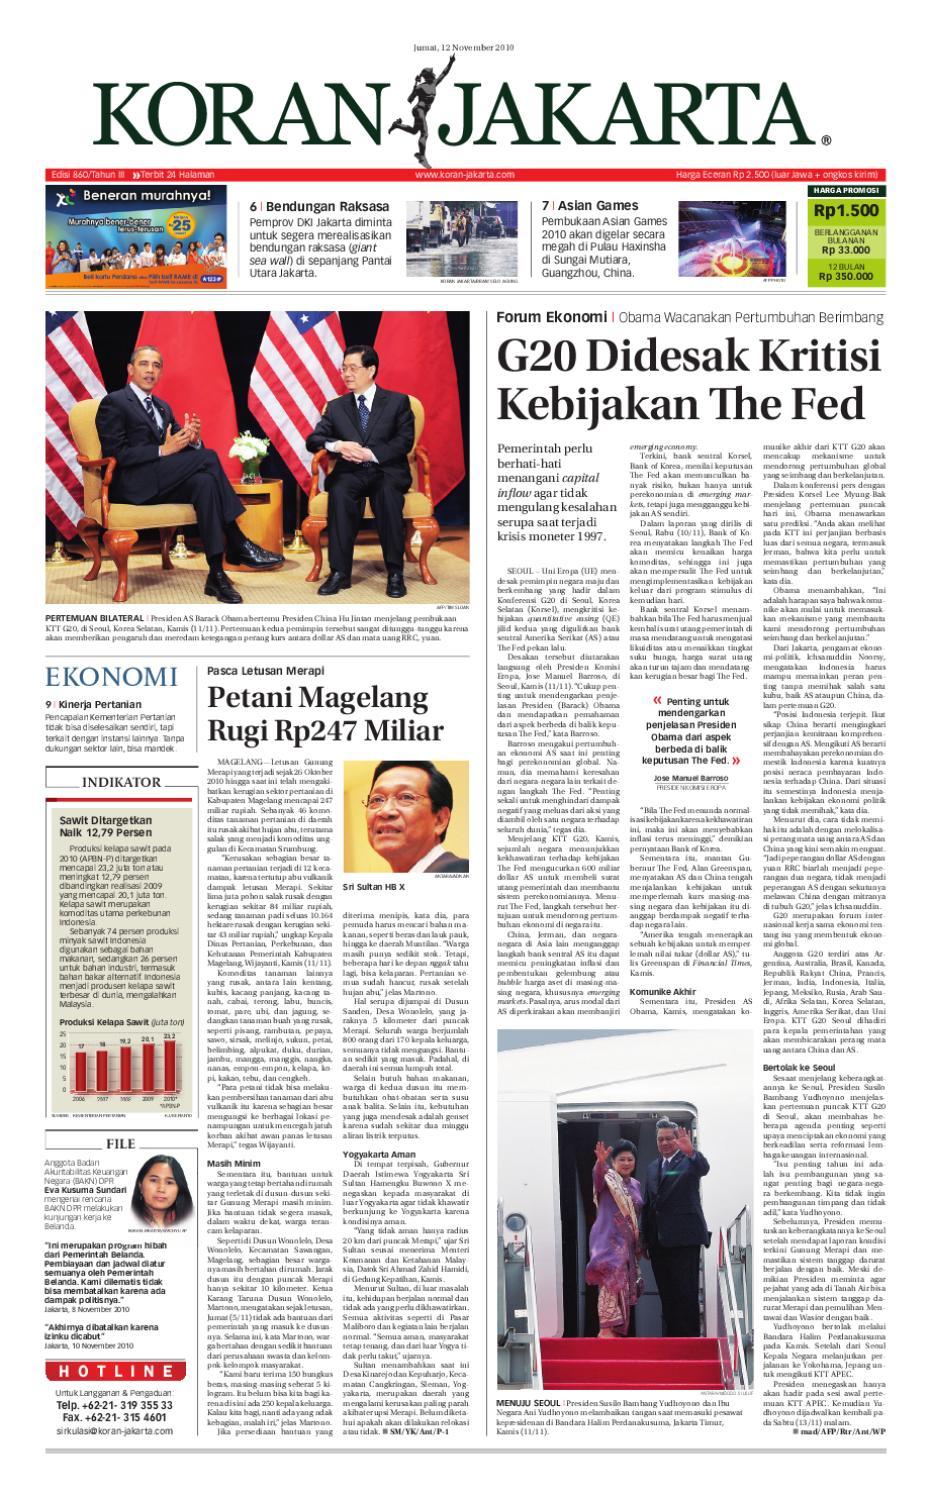 Edisi 860 12 November 2010 By Pt Berita Nusantara Issuu Atasan Sweden Putih Shop At Velvet